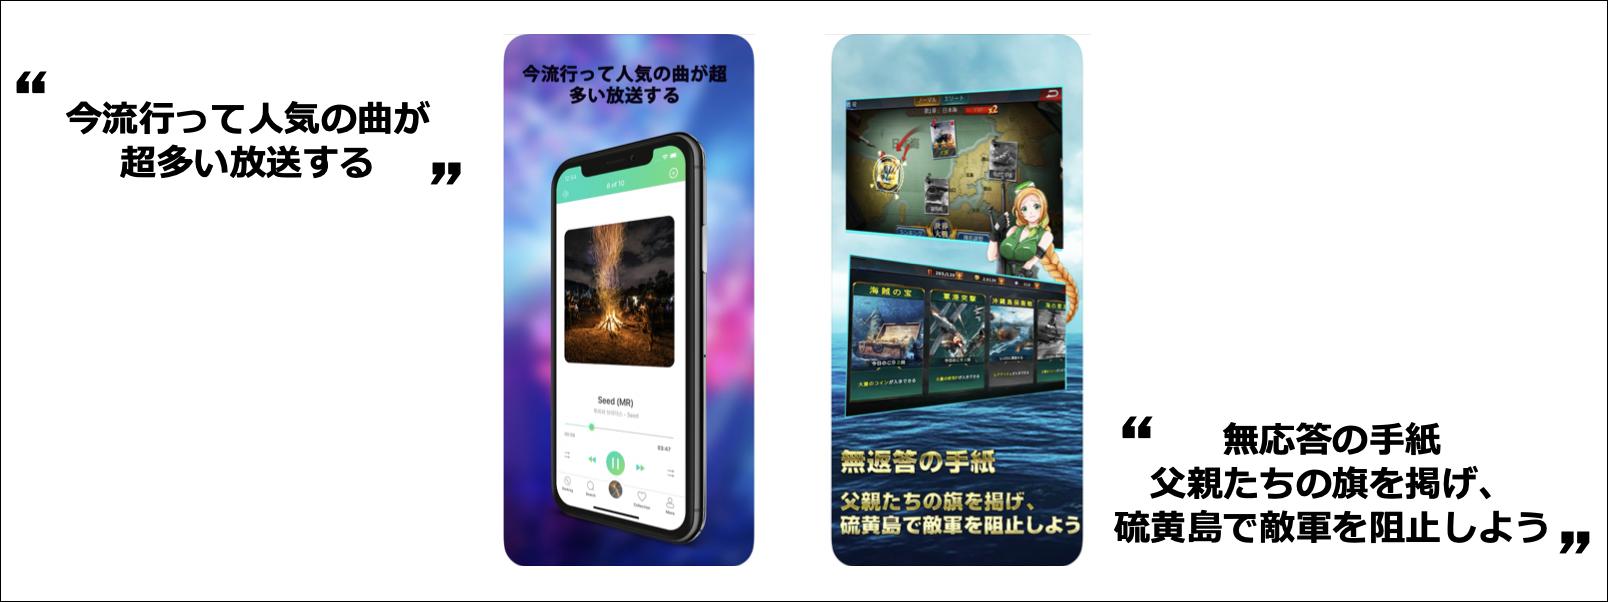 広告文を機械翻訳で翻訳したと思われる、奇っ怪な日本語の広告の例